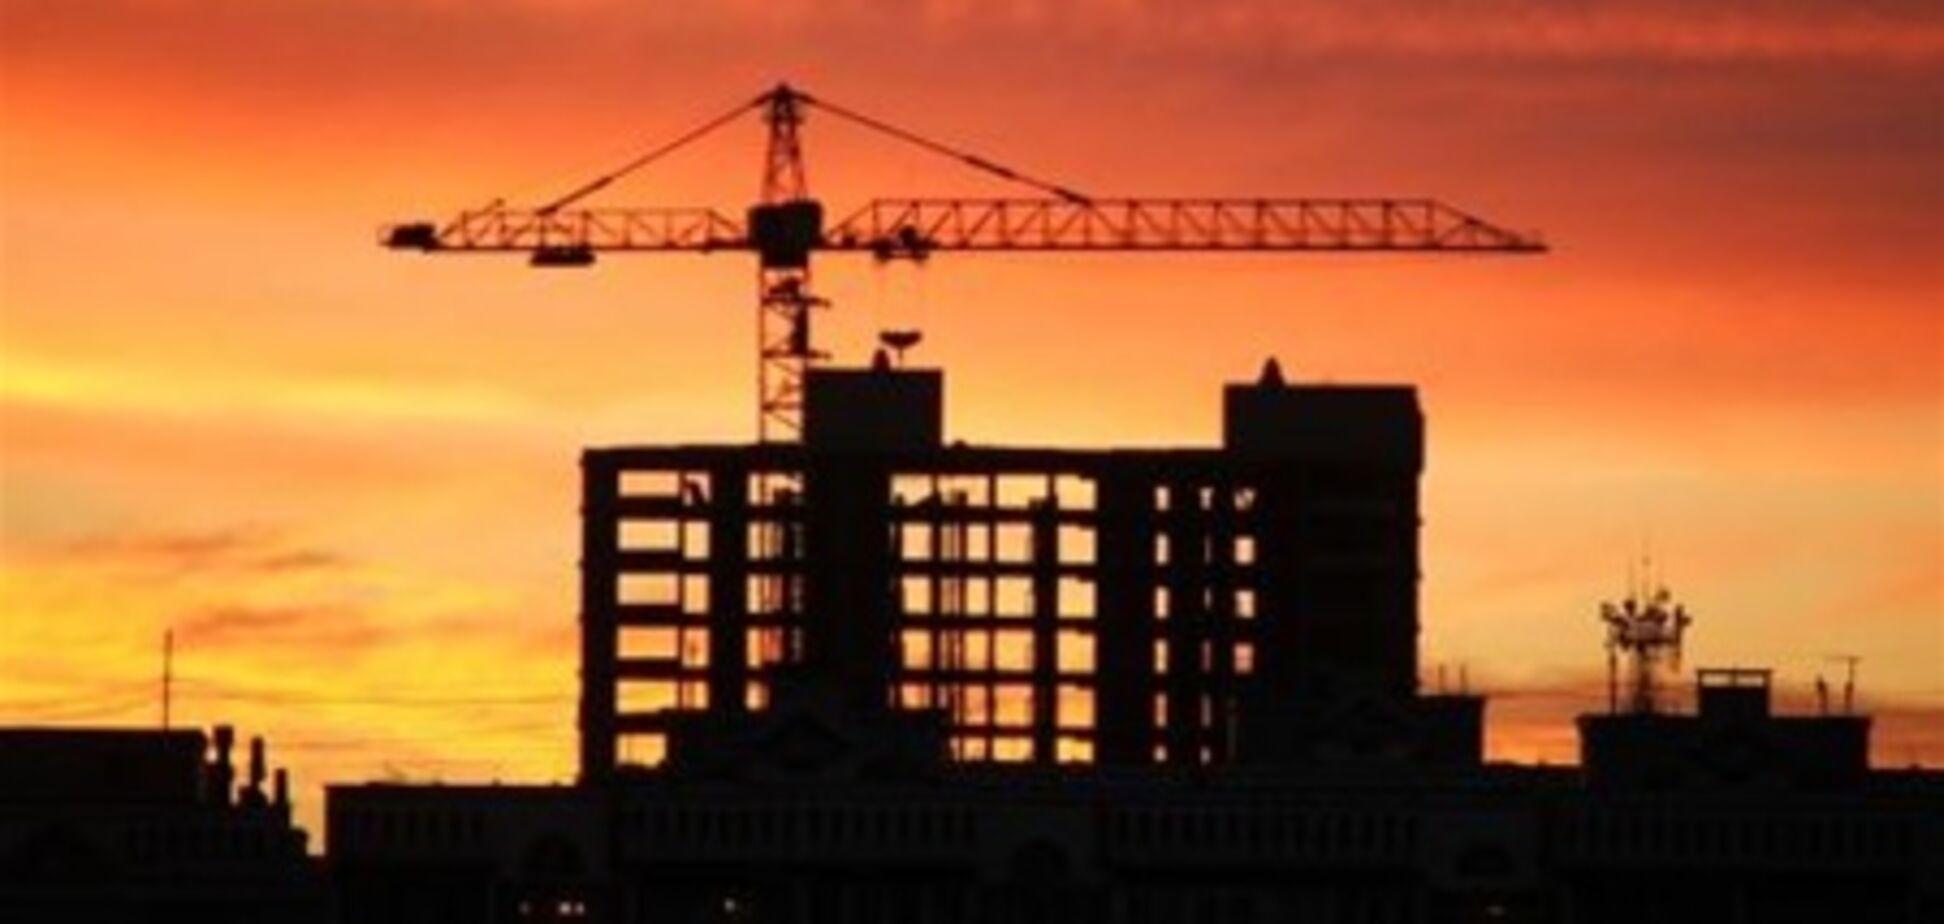 Кризис может остановить рынок недвижимости на месяц